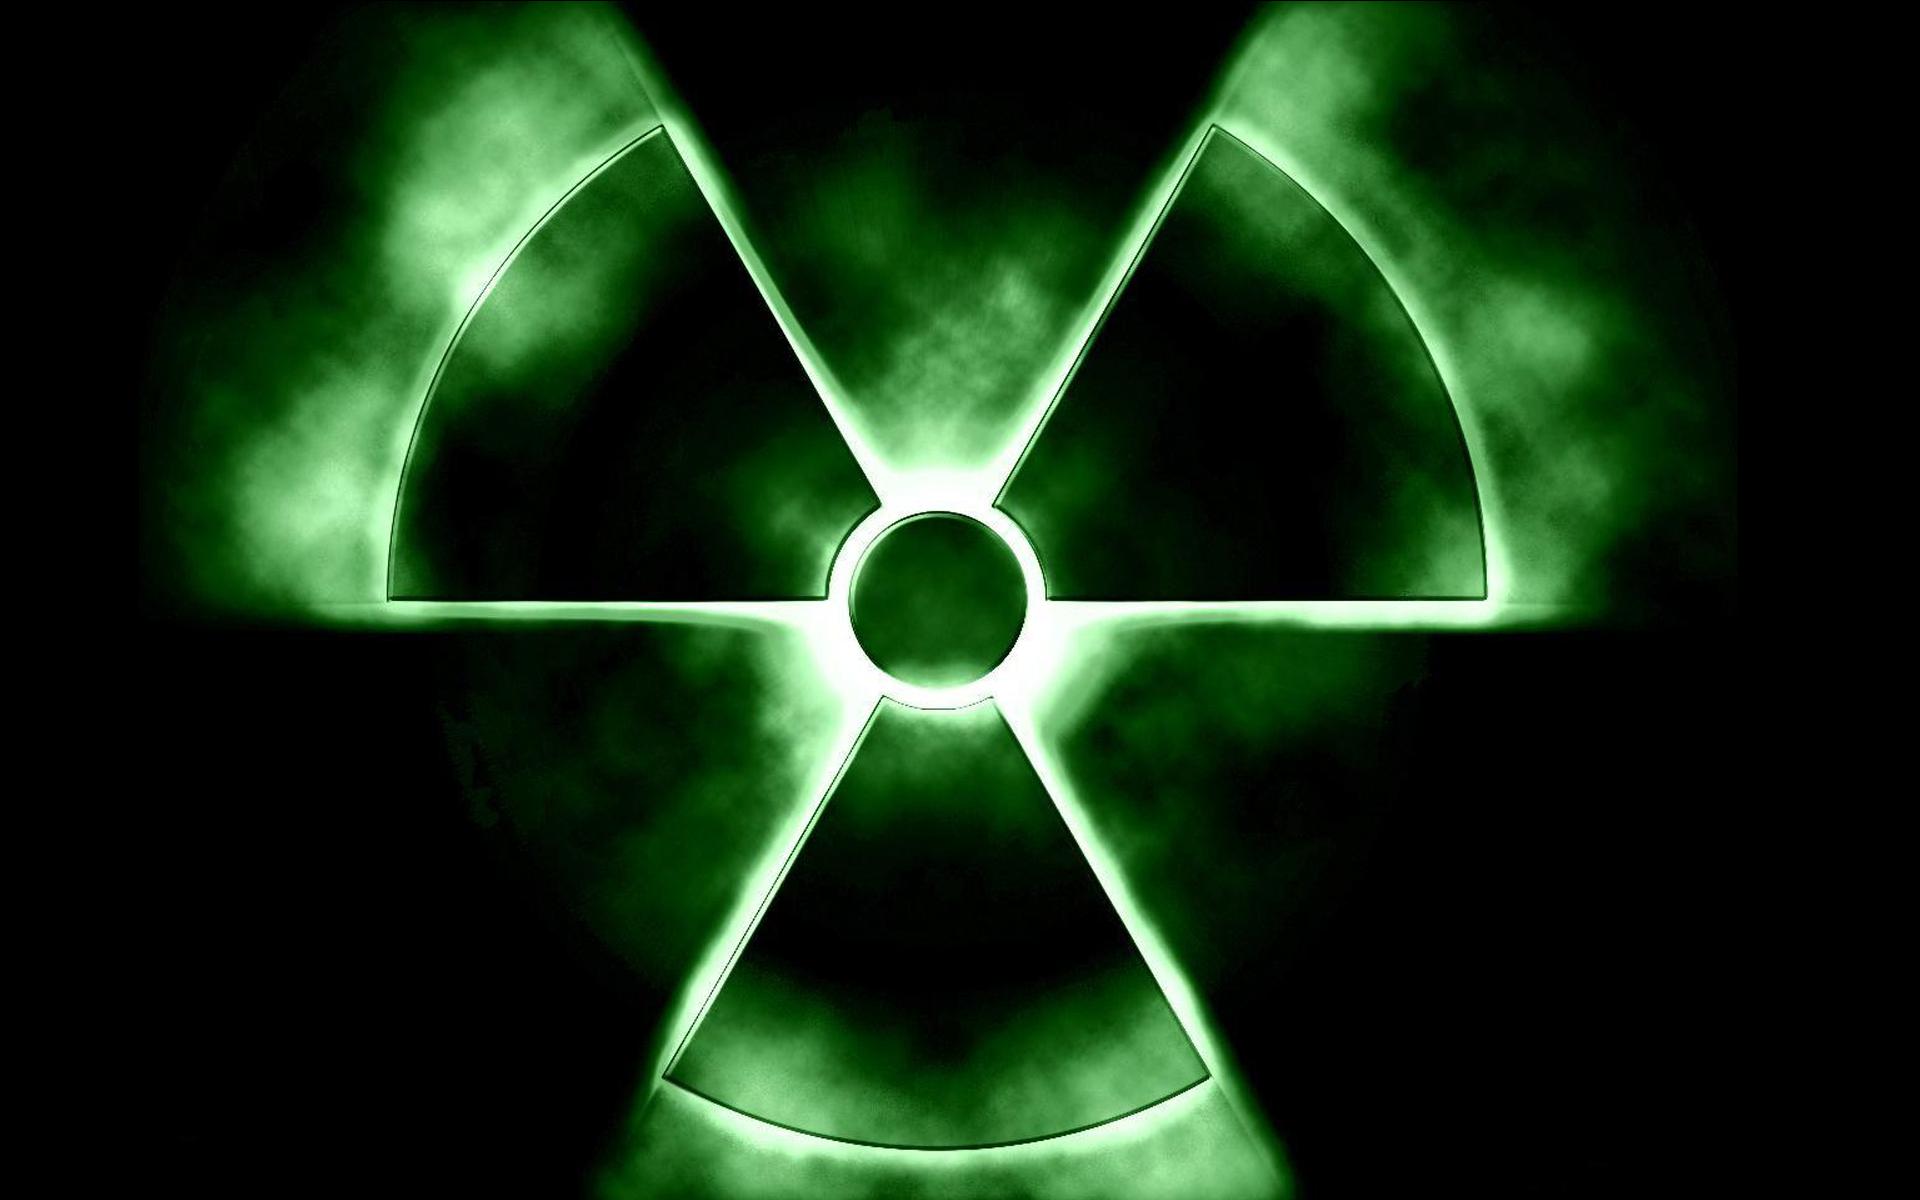 Radioactive Computer Wallpapers, Desktop Backgrounds ...